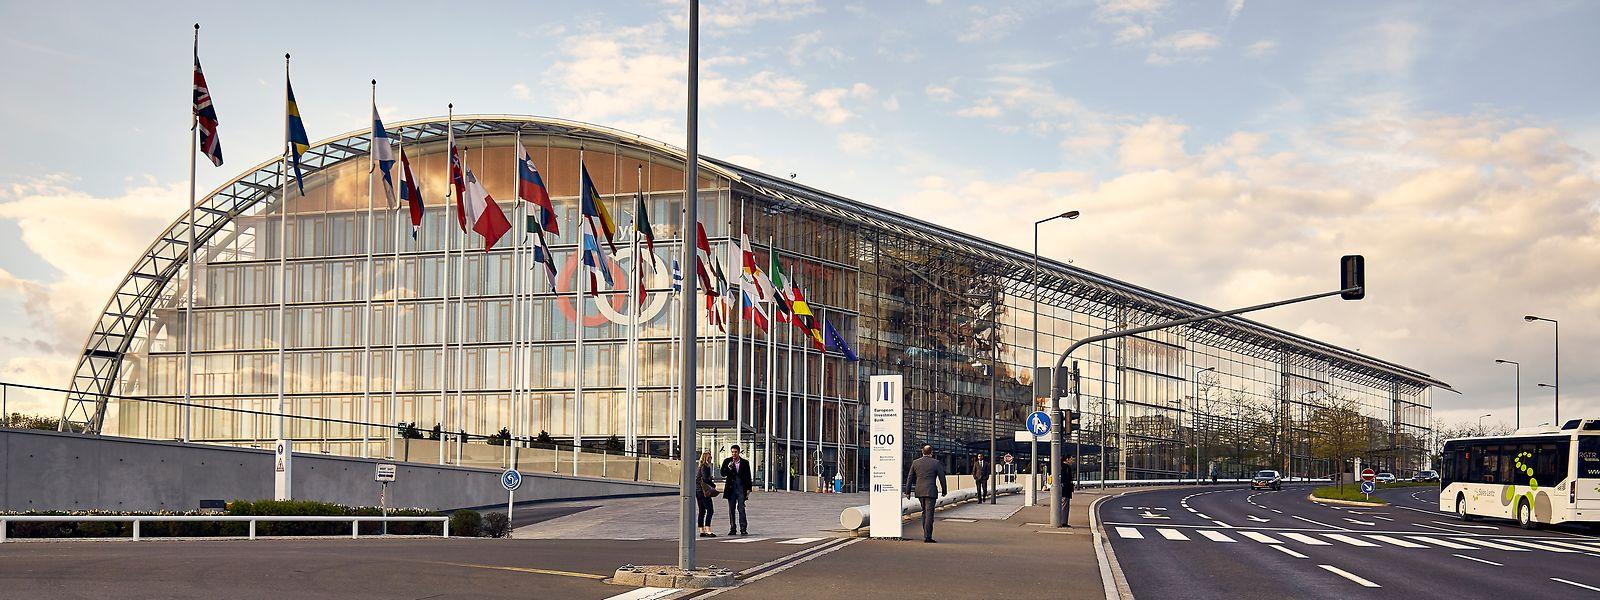 Die Europäische Investitionsbank steht unter dem Vorwurf, in der Vergangenheit nicht genug für die psychische Gesundheit ihrer Mitarbeiter getan zu haben.